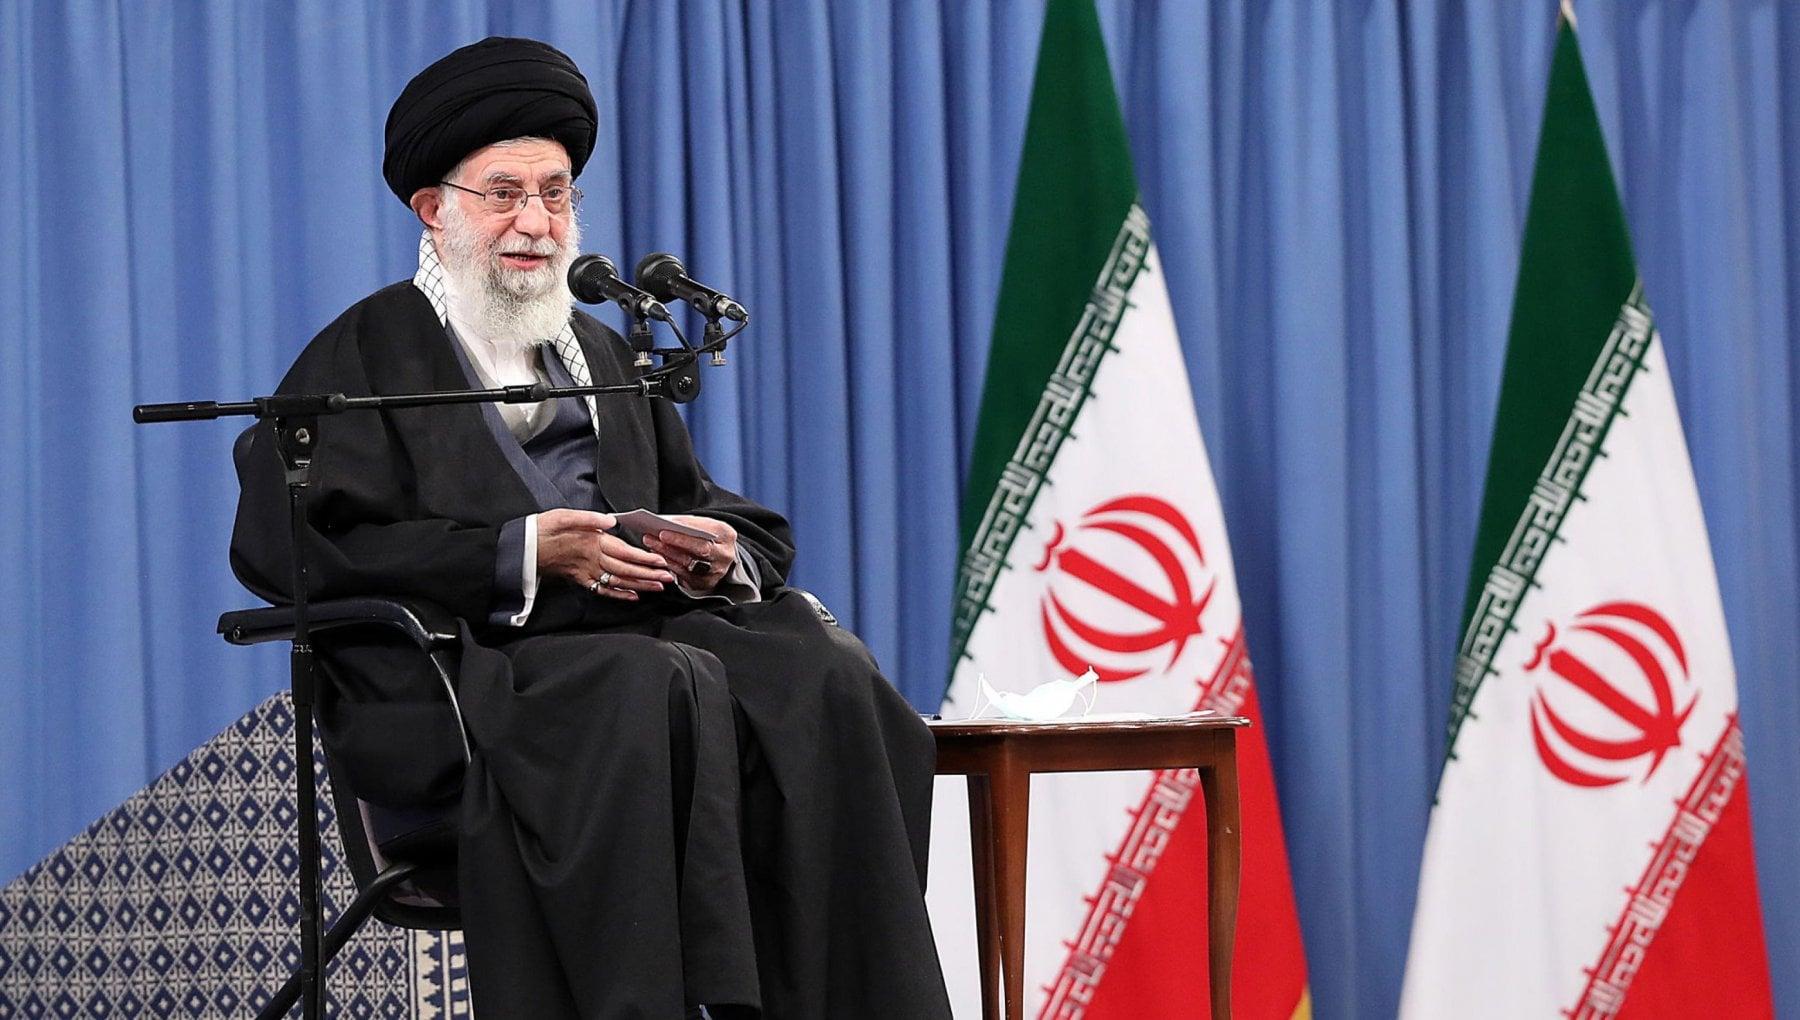 """103628780 ca4a509d acaa 4729 8db0 674597bf76c6 - Iran, Khamenei: """"Pronti a fermare il programma nucleare se gli Usa toglieranno le sanzioni"""""""